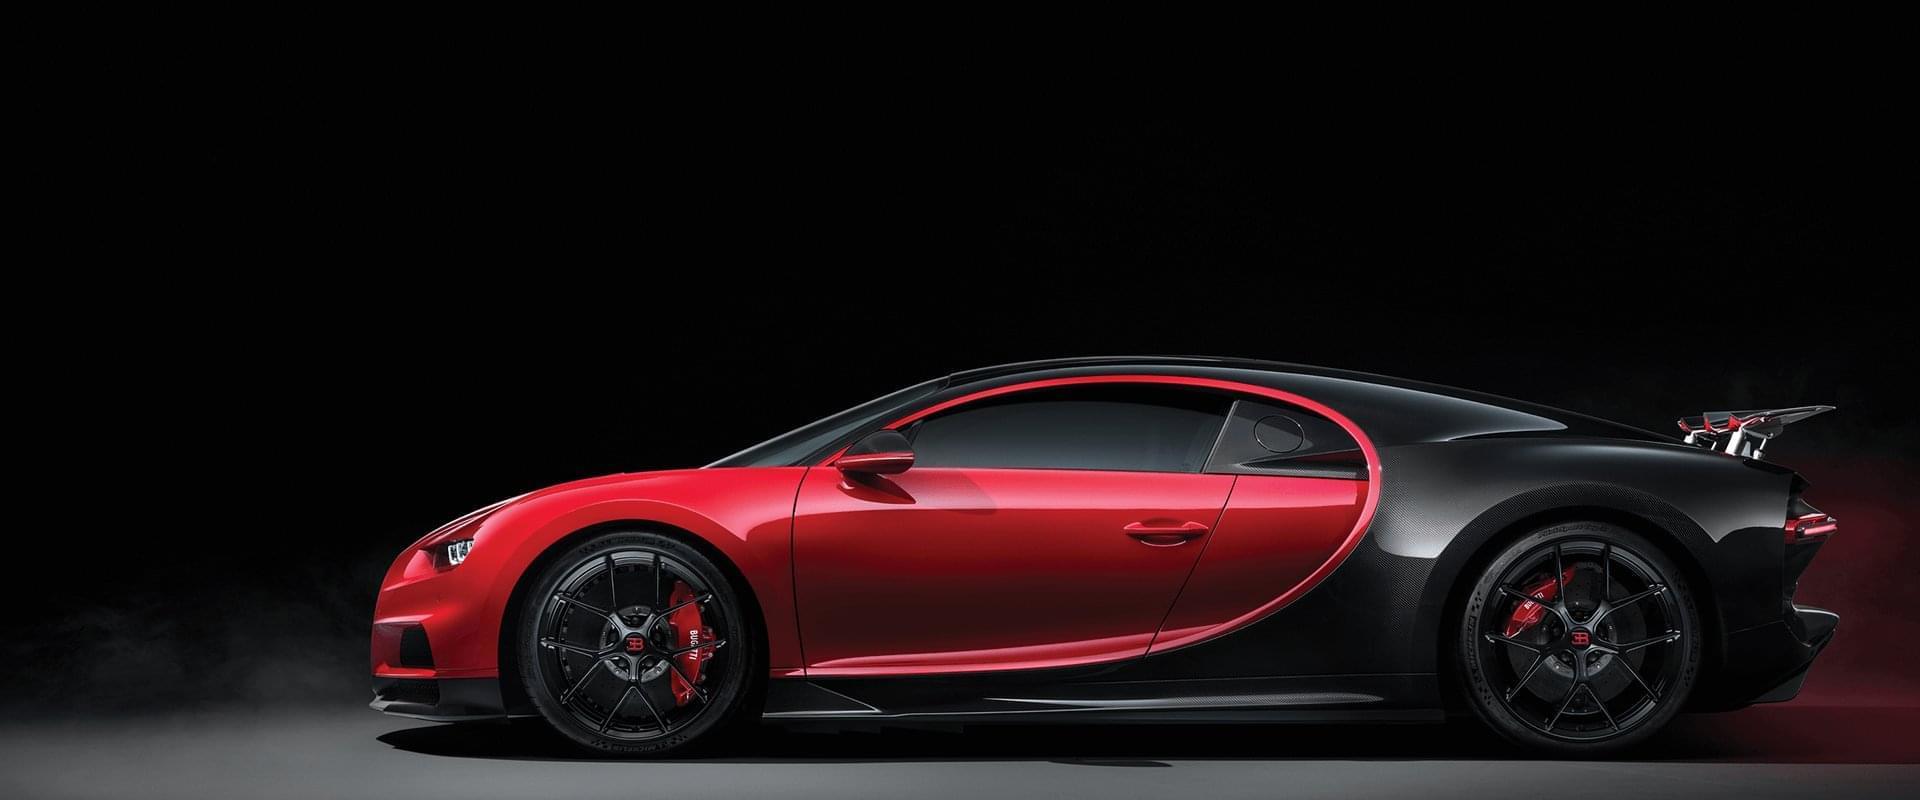 بالصور سيارة فخمه جدا , هذه هي السيارة الافخم على الاطلاق unnamed file 8